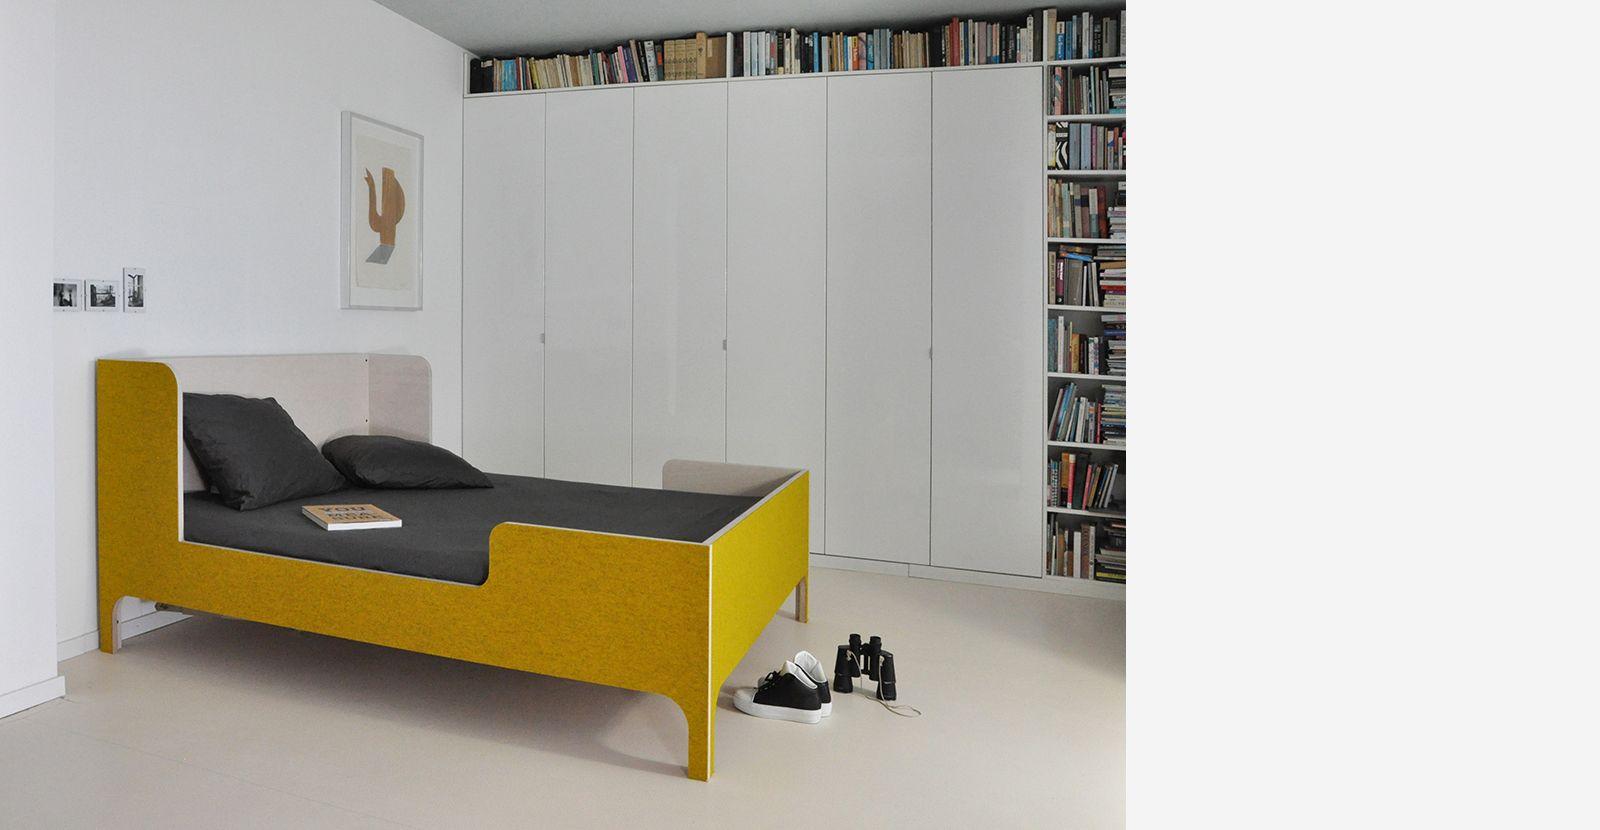 dubbelbed_doppelbett_design_filz_felt_vilt